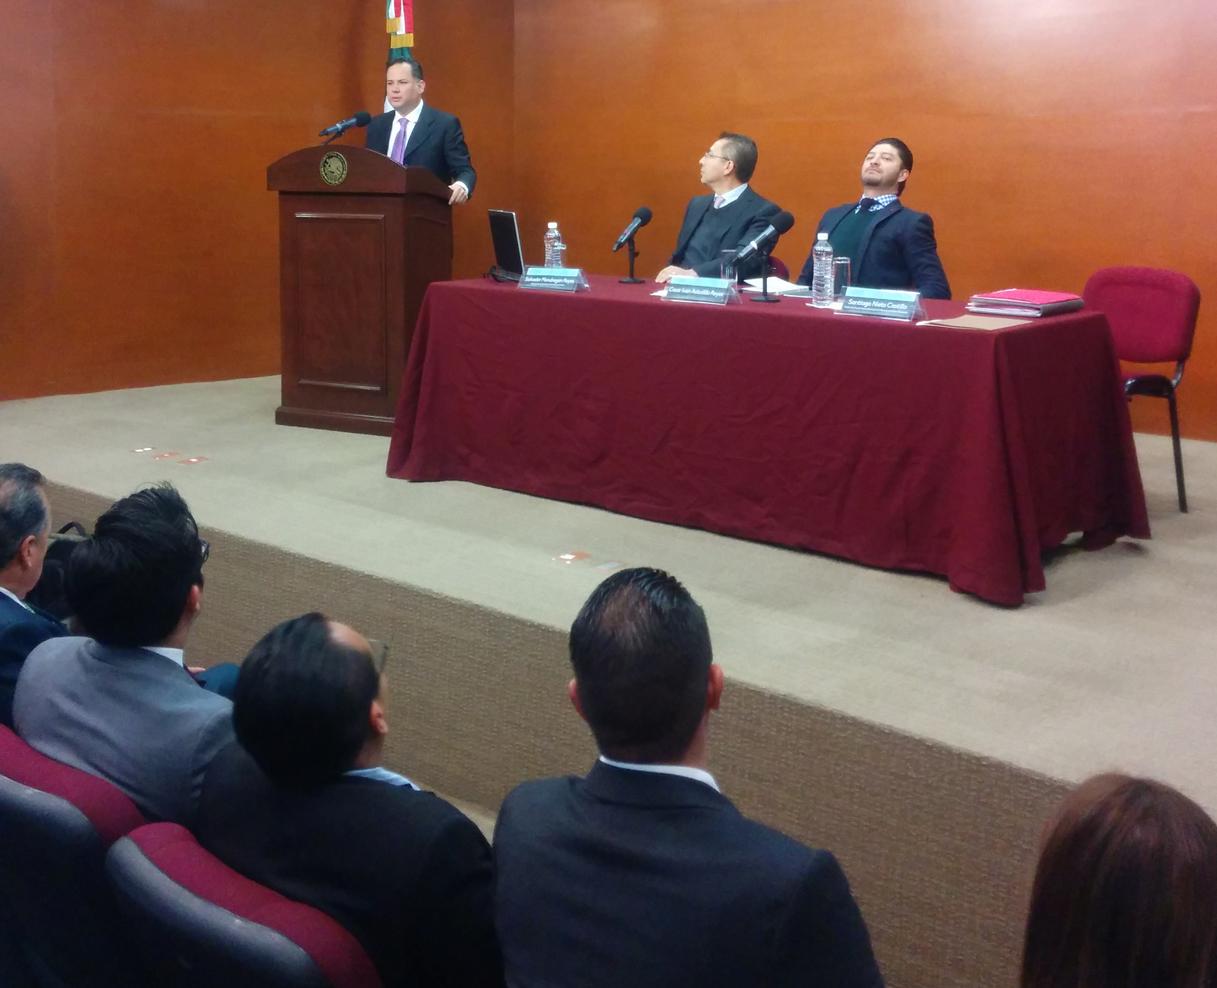 Judicatura Federal y PGR organizan Seminario de Actualización en Materia Penal - Electoral.